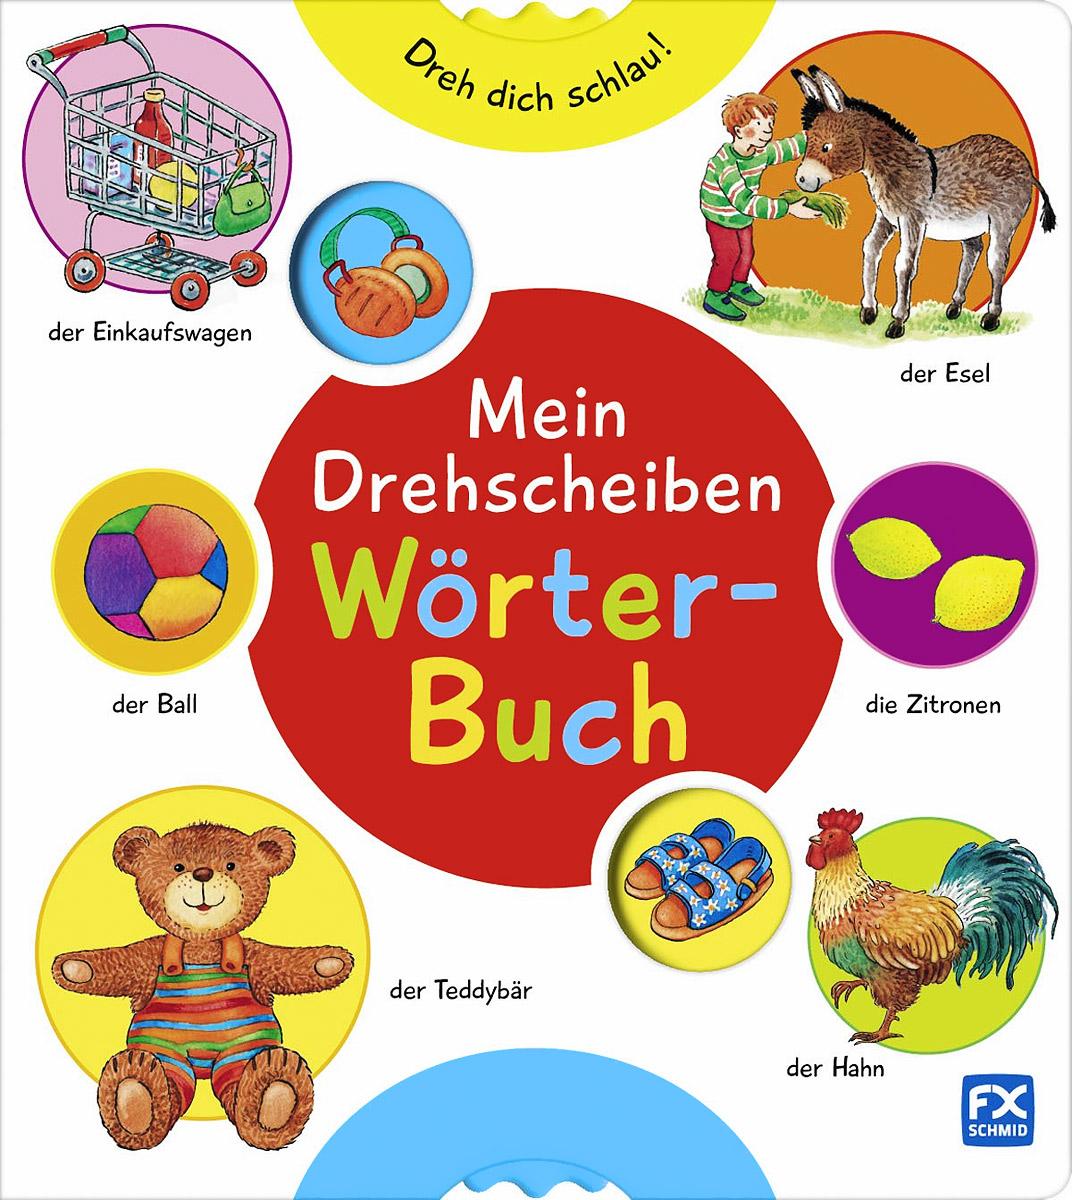 Dreh dich schlau! Mein Drehscheiben: Worter-Buch ( 978-3-8380-0056-5 )